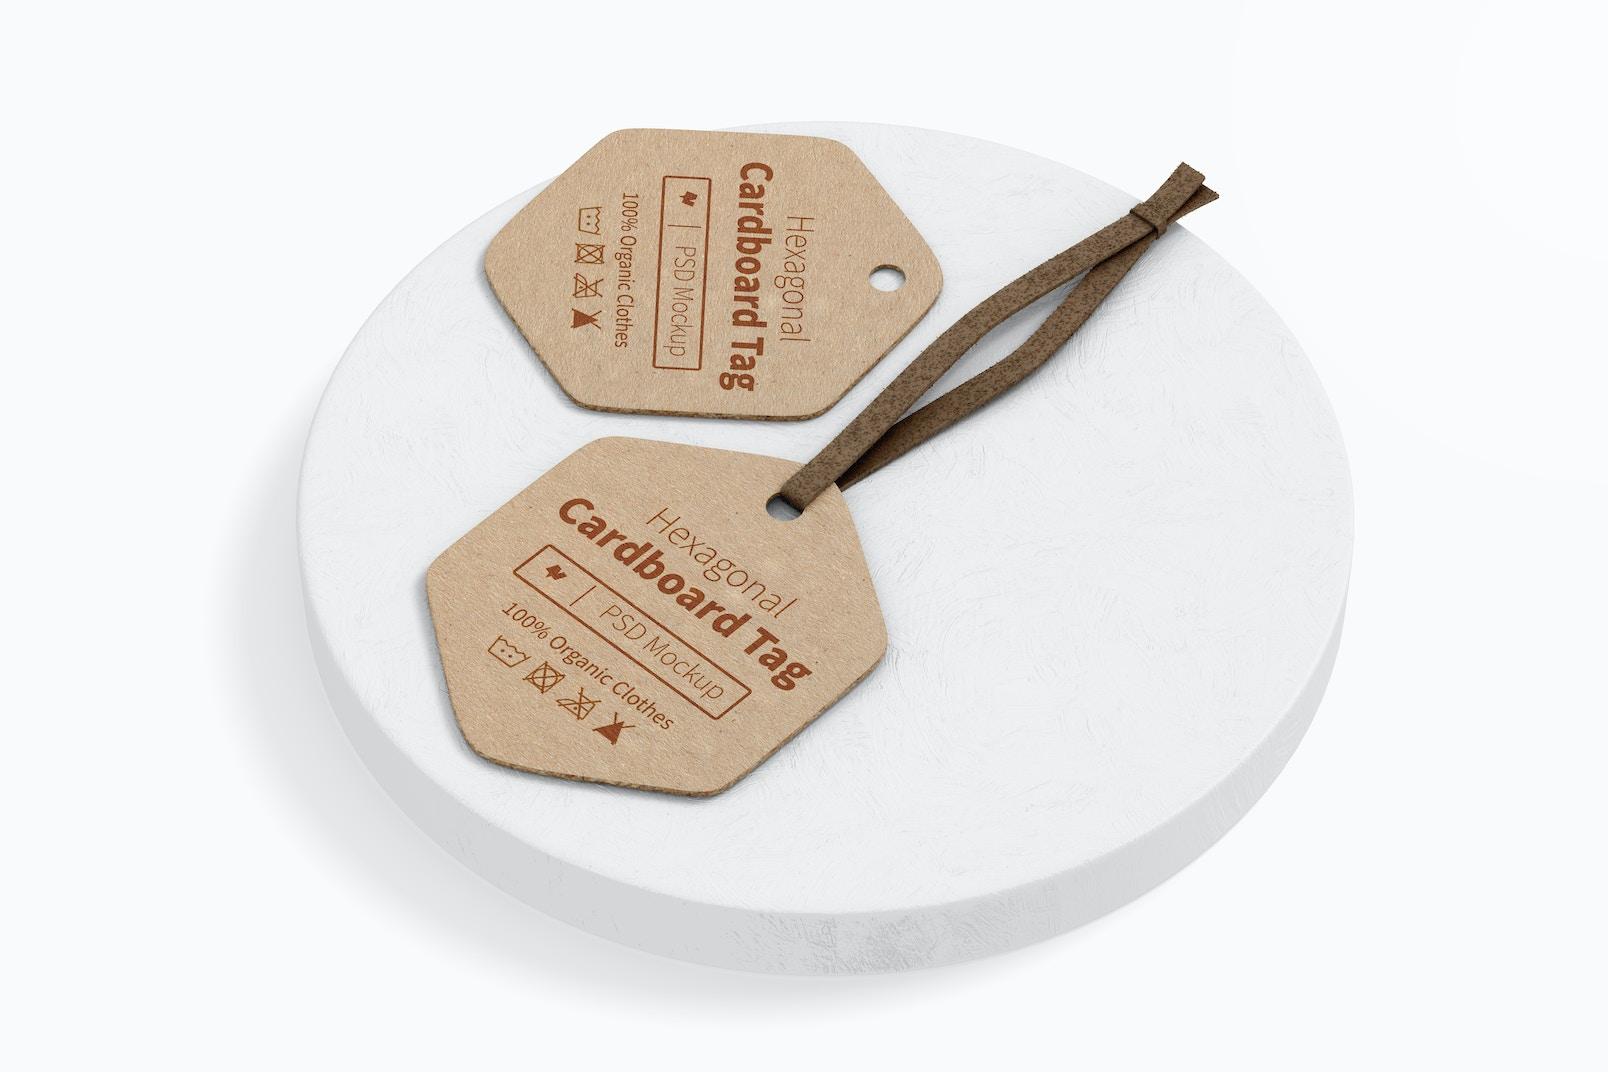 Hexagonal Cardboard Tag Mockup